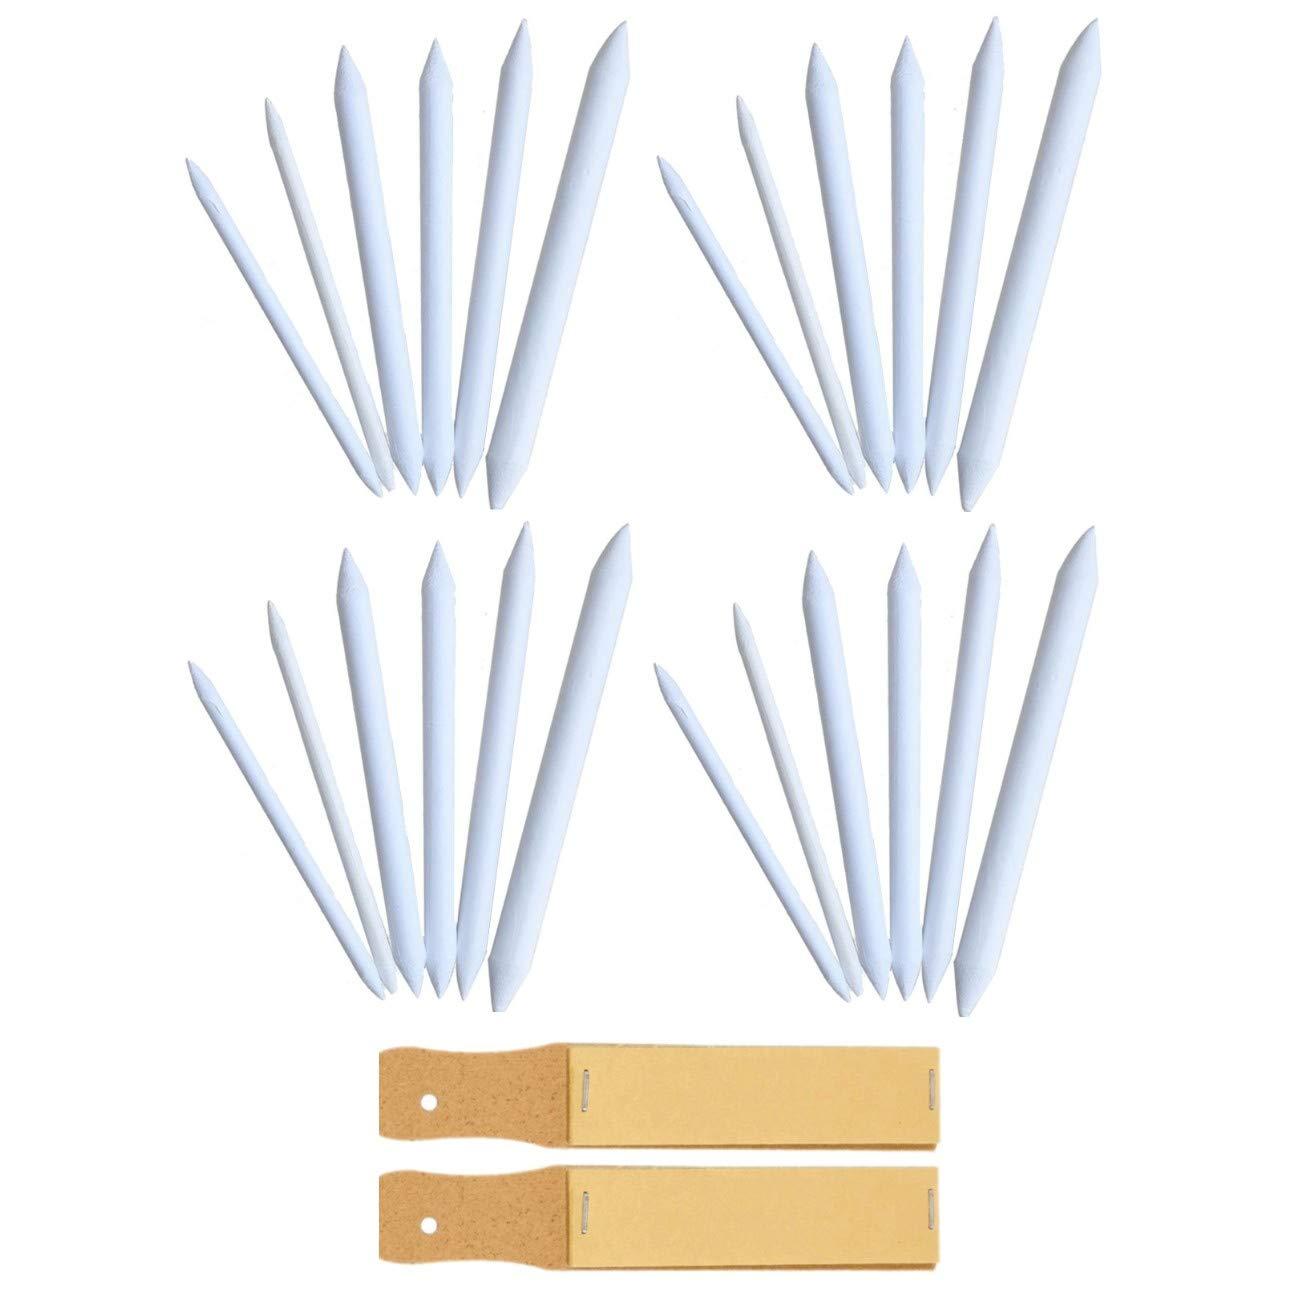 6 misure diverse set sfumini disegno con 2 blocchetti di carta vetrata per temperare punta JZK 24 x Sfumini in carta da disegno per disegnare a matita carboncino